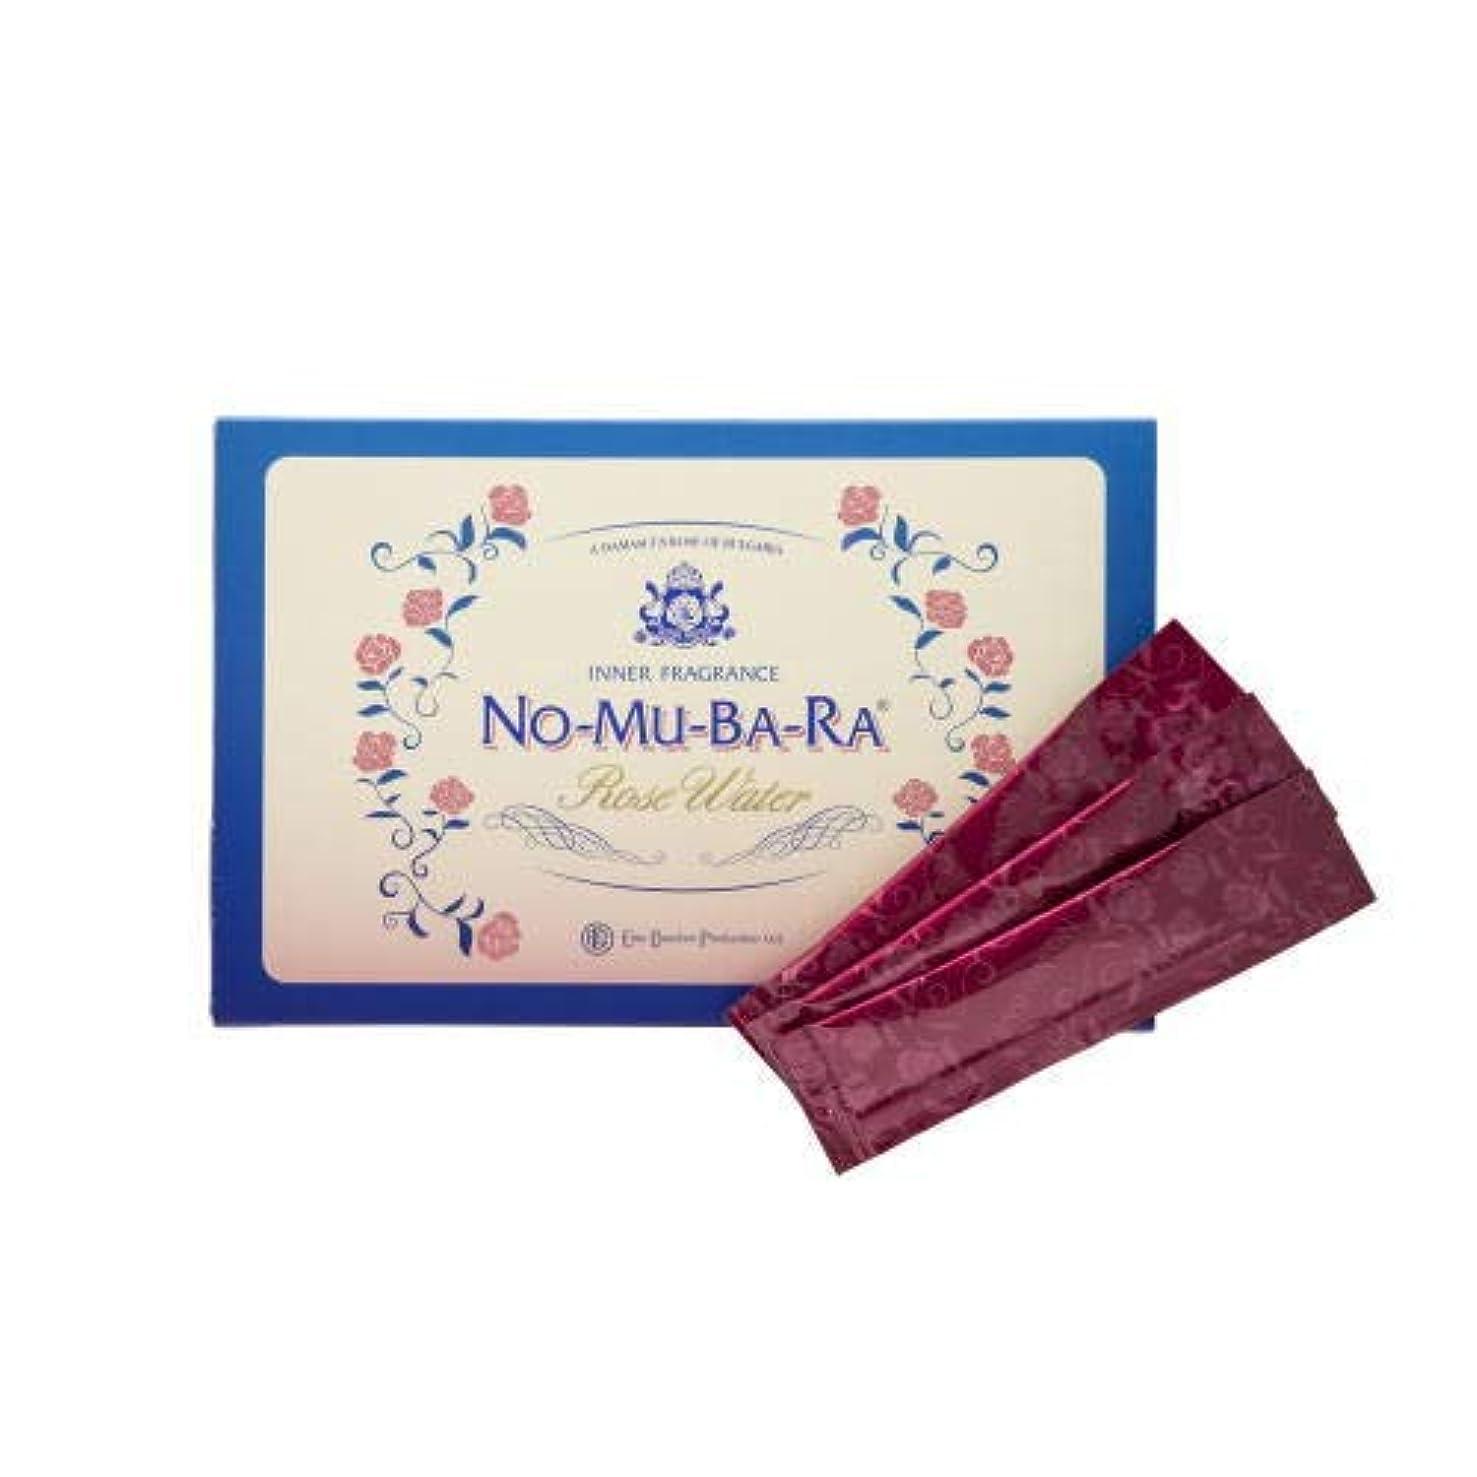 経験者大統領毎月NO-MU-BA-RA NO-MU-BA-RA(ノムバラ)(35包入)×2箱【モンドセレクション受賞】